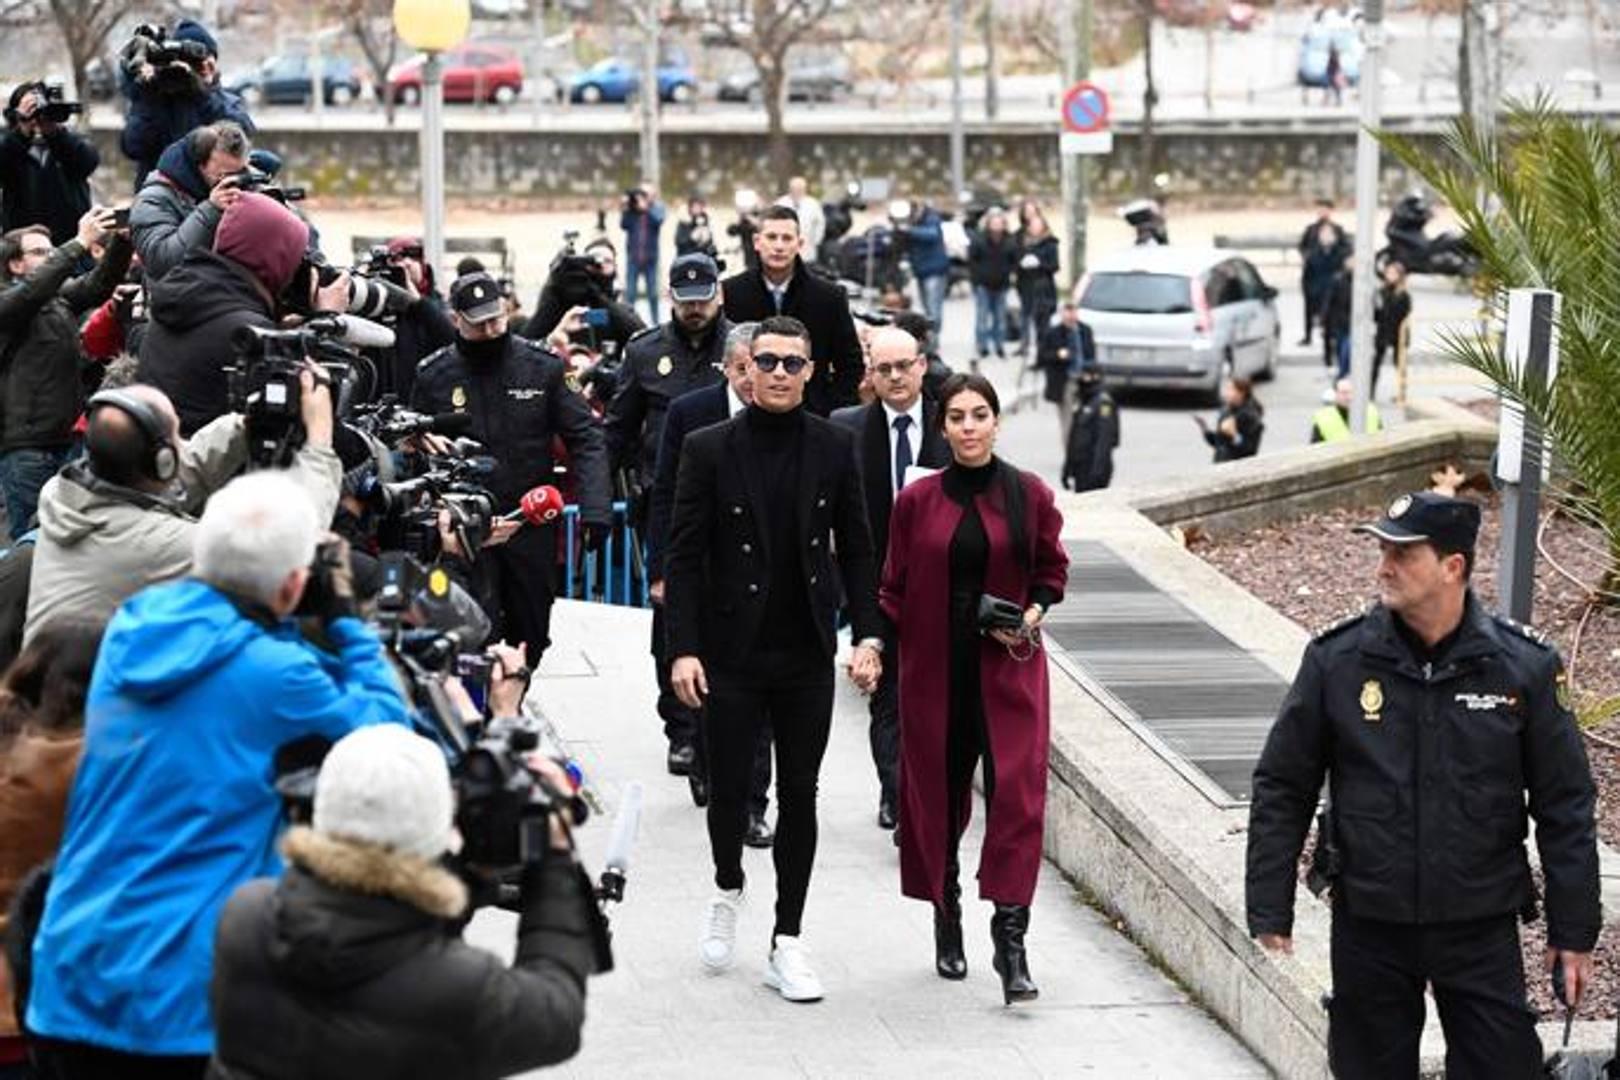 Madrid, Cristiano Ronaldo e Georgina Rodriguez al momento dell'arrivo in tribunale, AFP